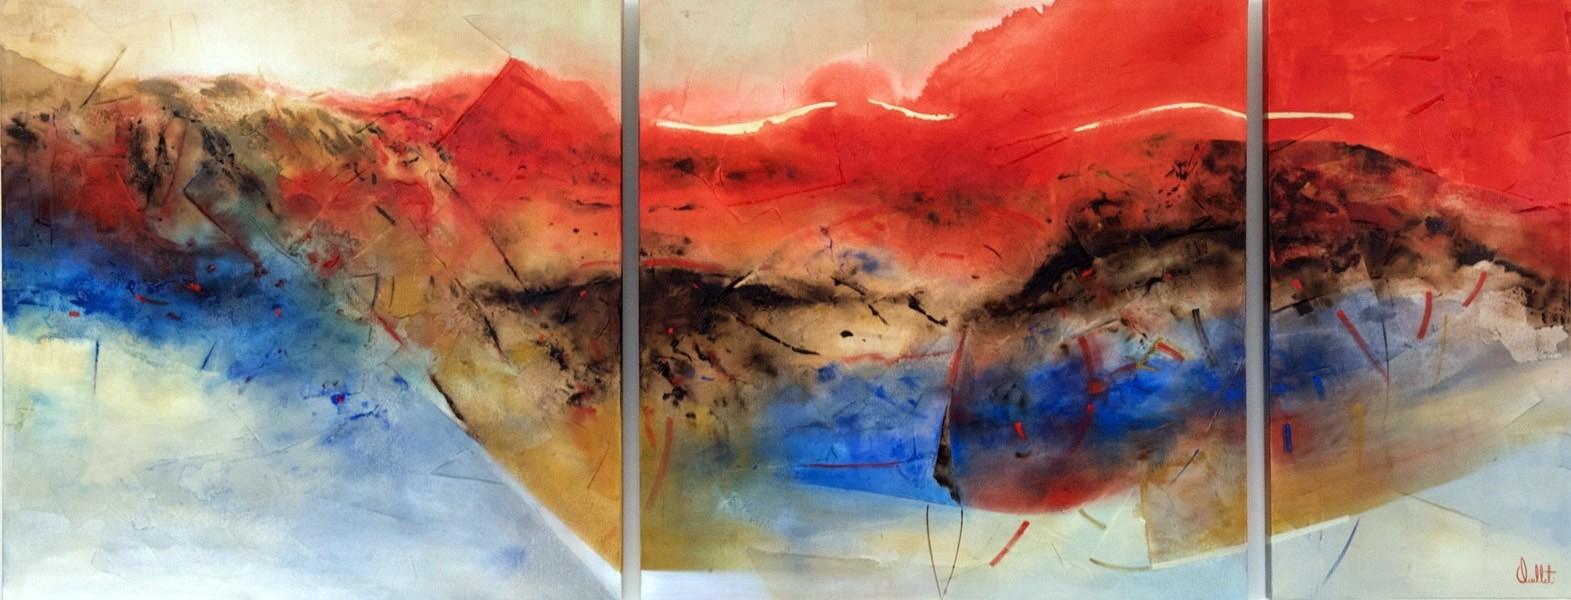 HaïKu, de l'artiste Sophie Ouellet, Tableau, acrylique sur toile, 3 pièces (triptyque), Création unique, format total de l'oeuvre : 30 x 75 pouces de largeur